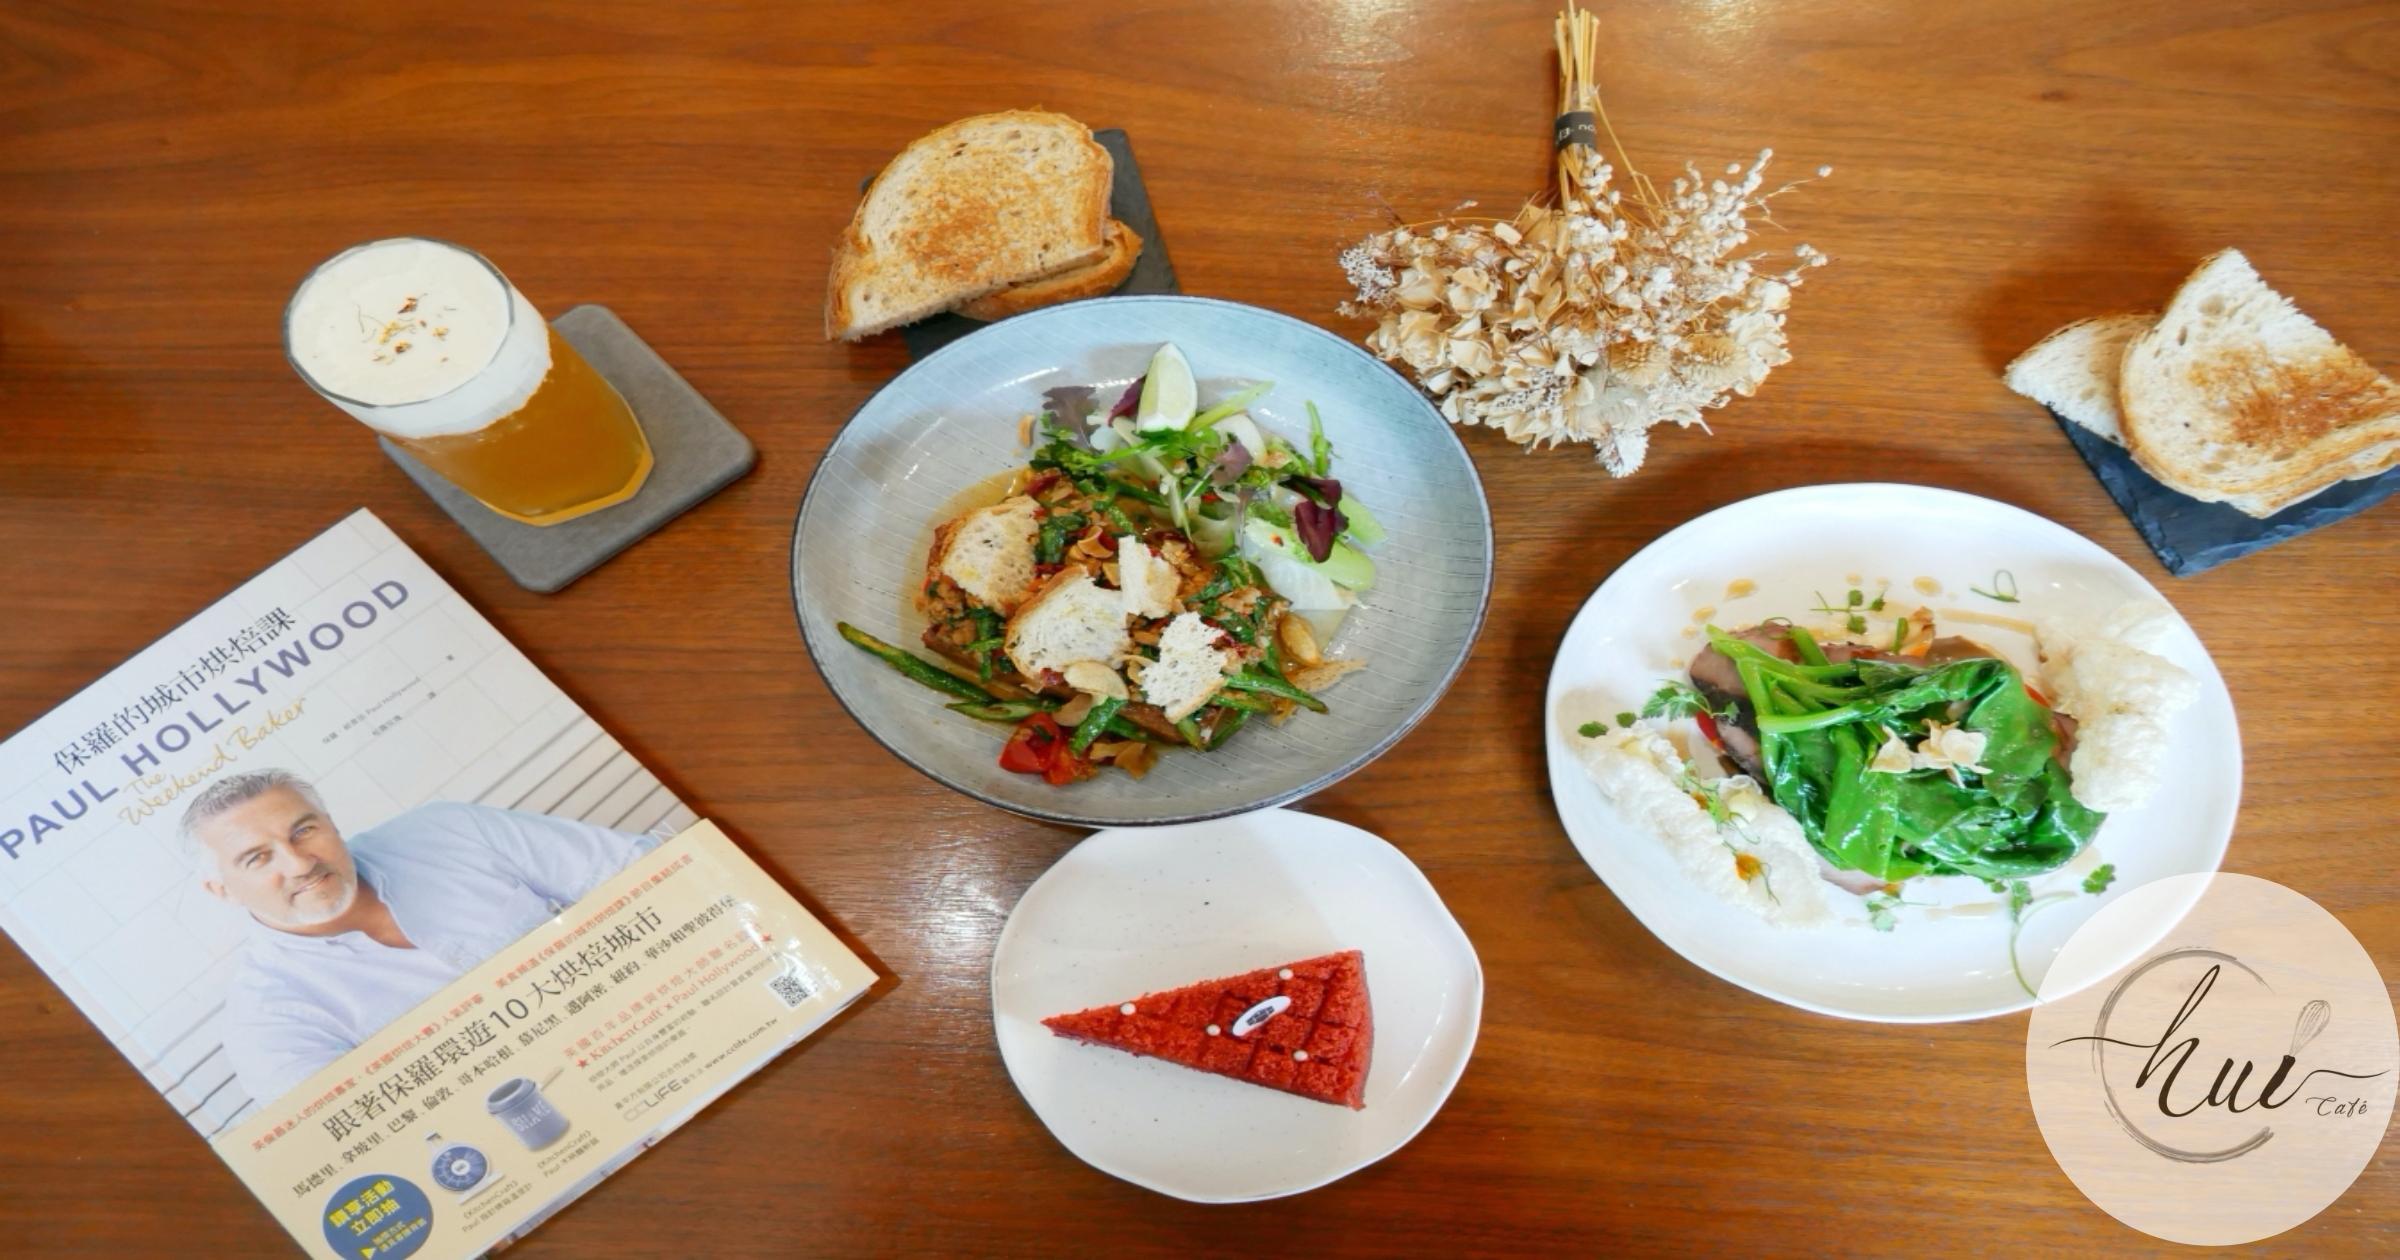 延伸閱讀:[台中美食]卉-HUI Café·法式甜點·早午餐|隱藏在公園對面的小清新~吃的到食物的原型餐點